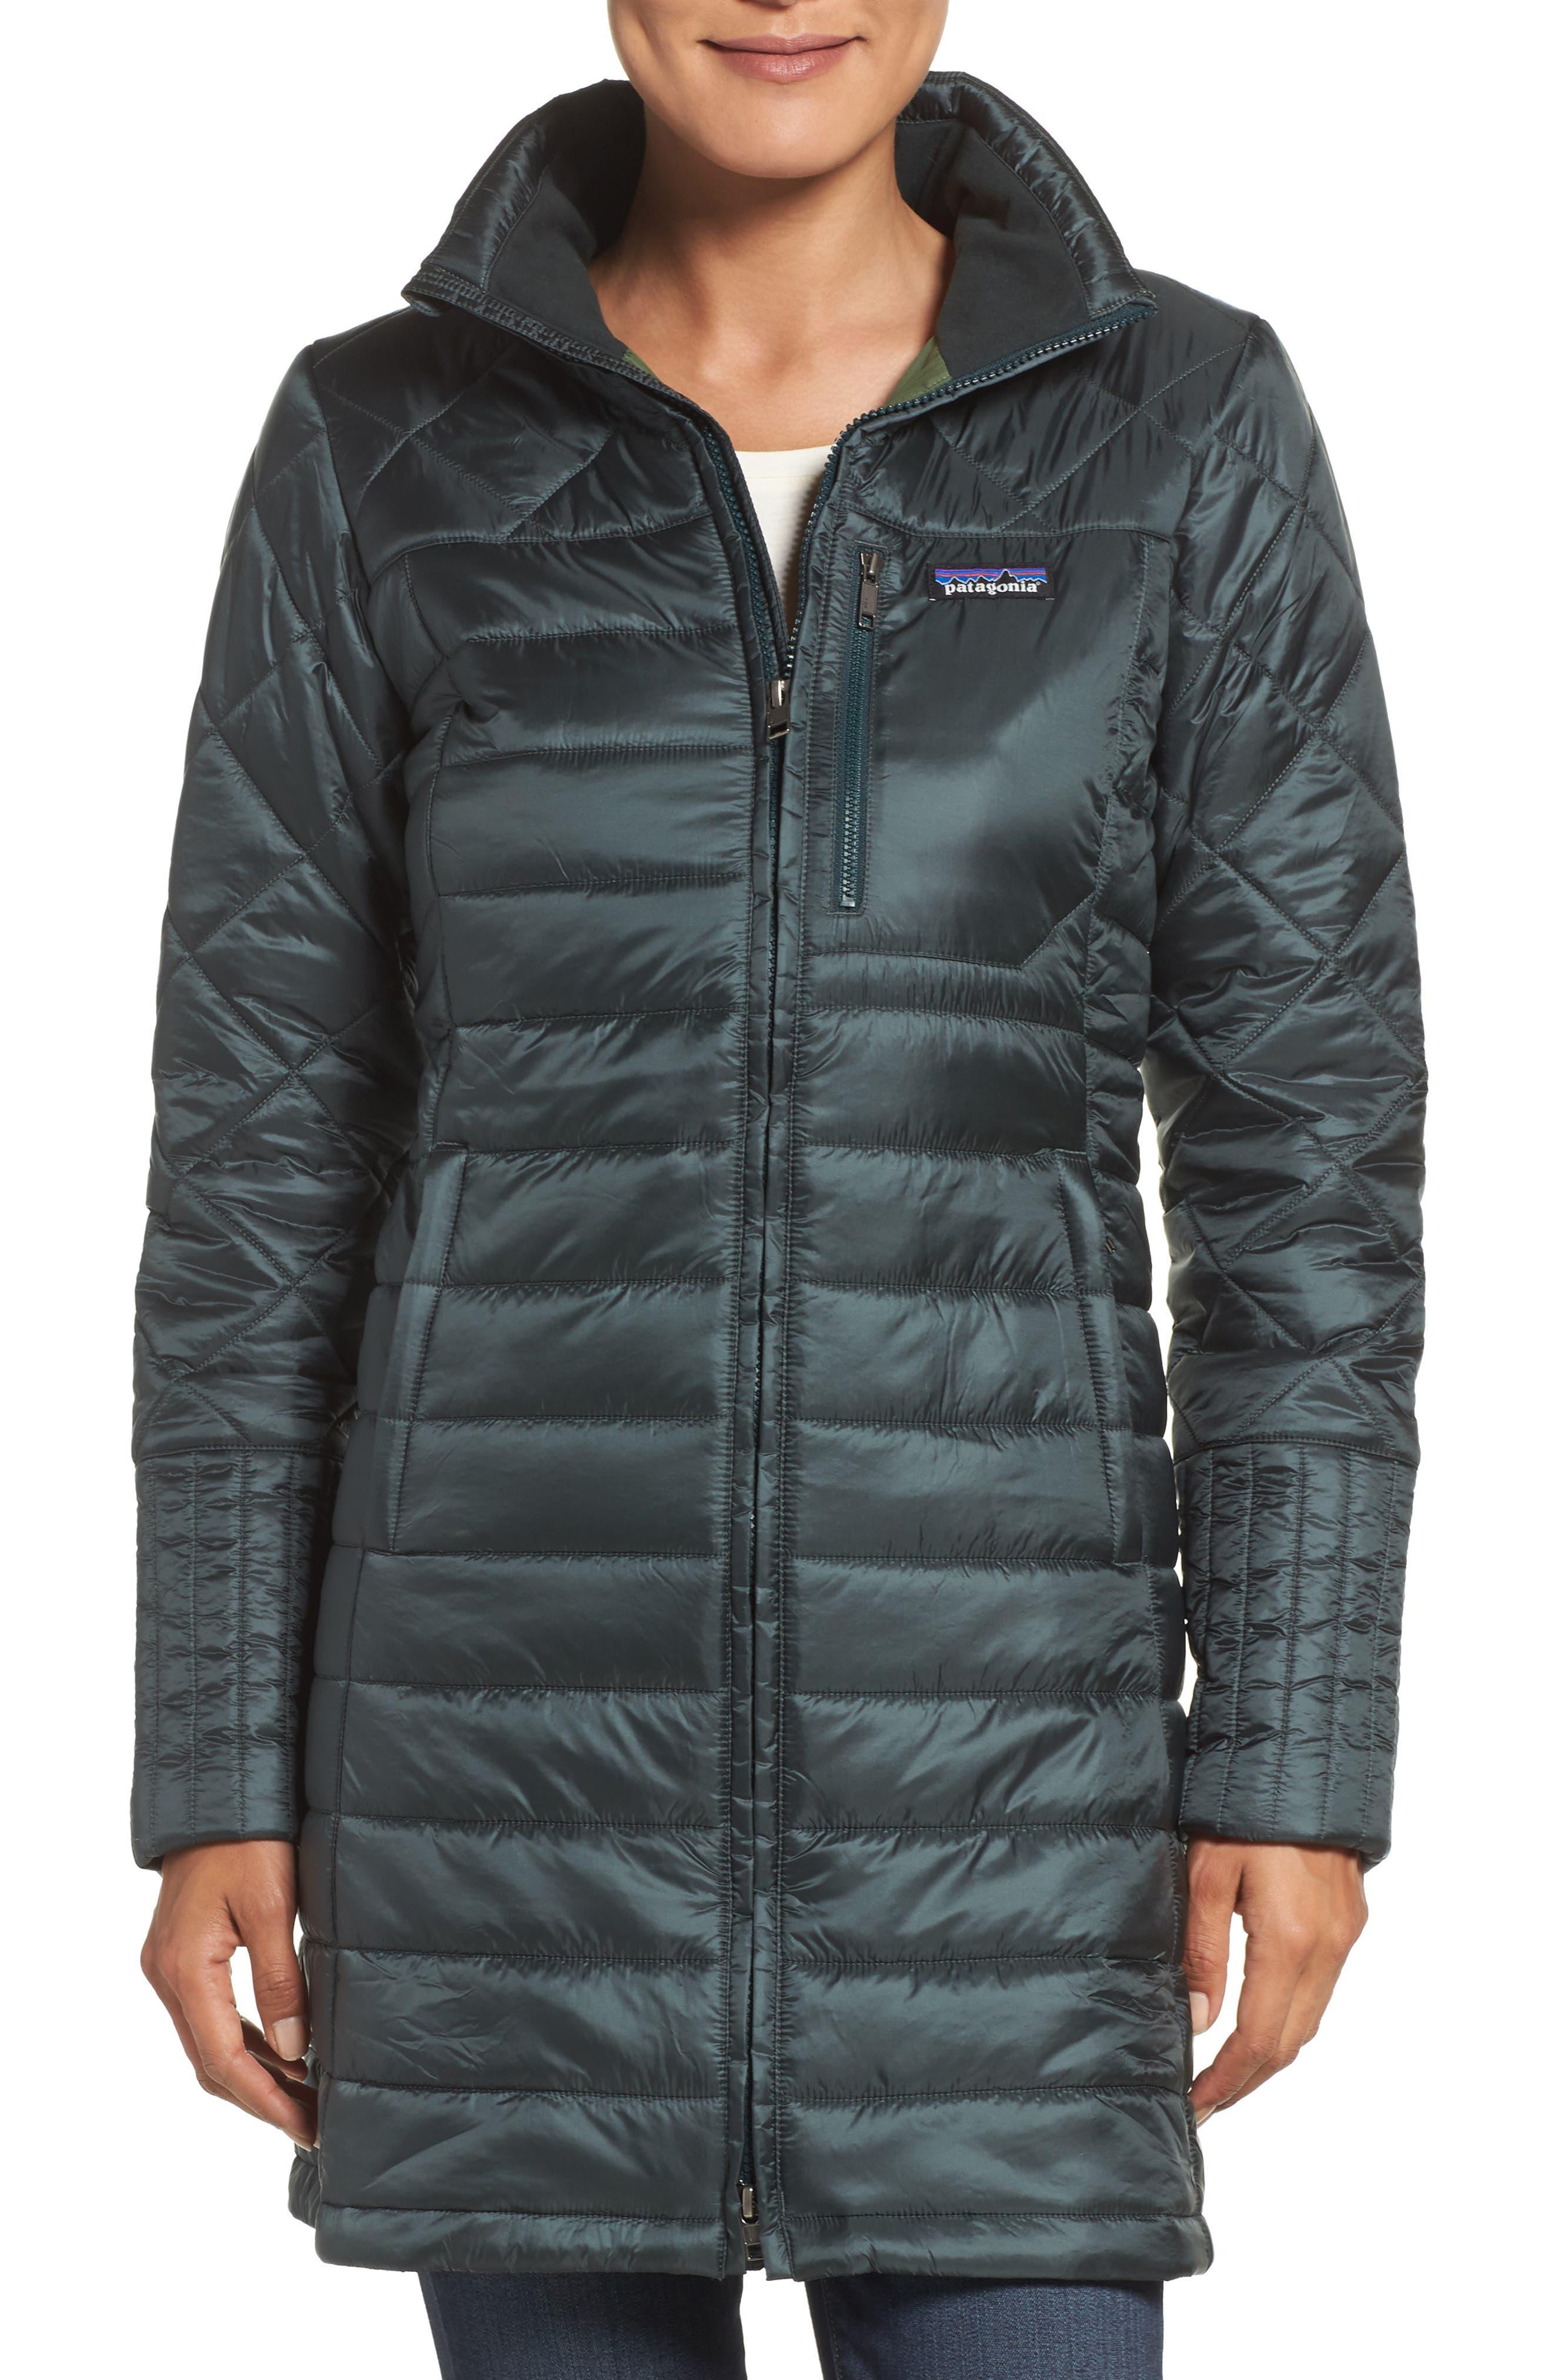 Patagonia Down Long Coat Han Coats